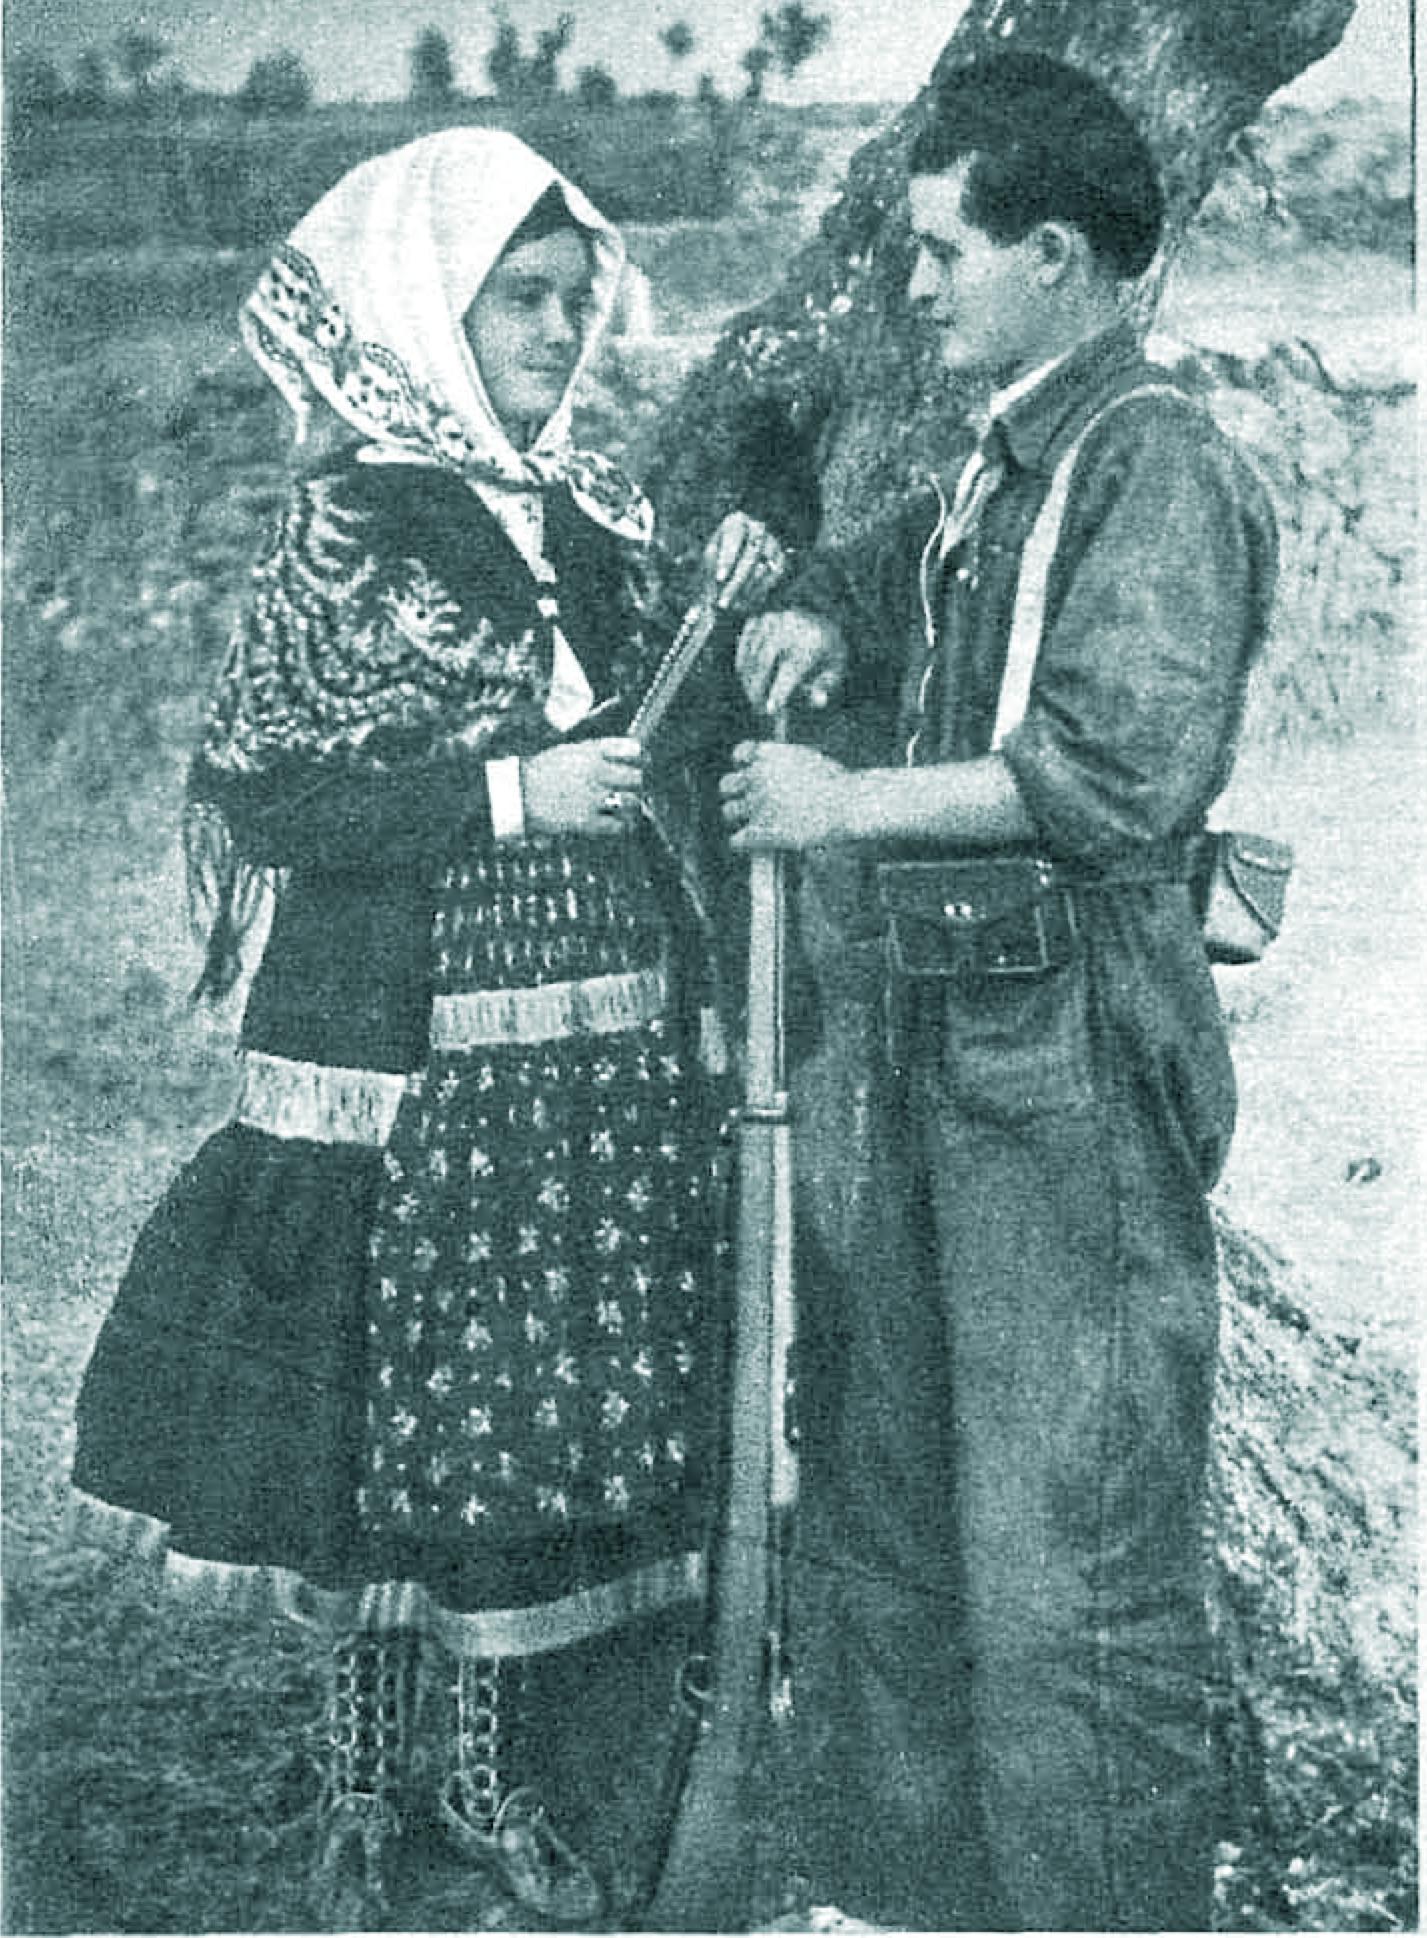 pareja de novios. chica con traje tradicional lagarterano (toledo) junto a miliciano (agosto de 1936)